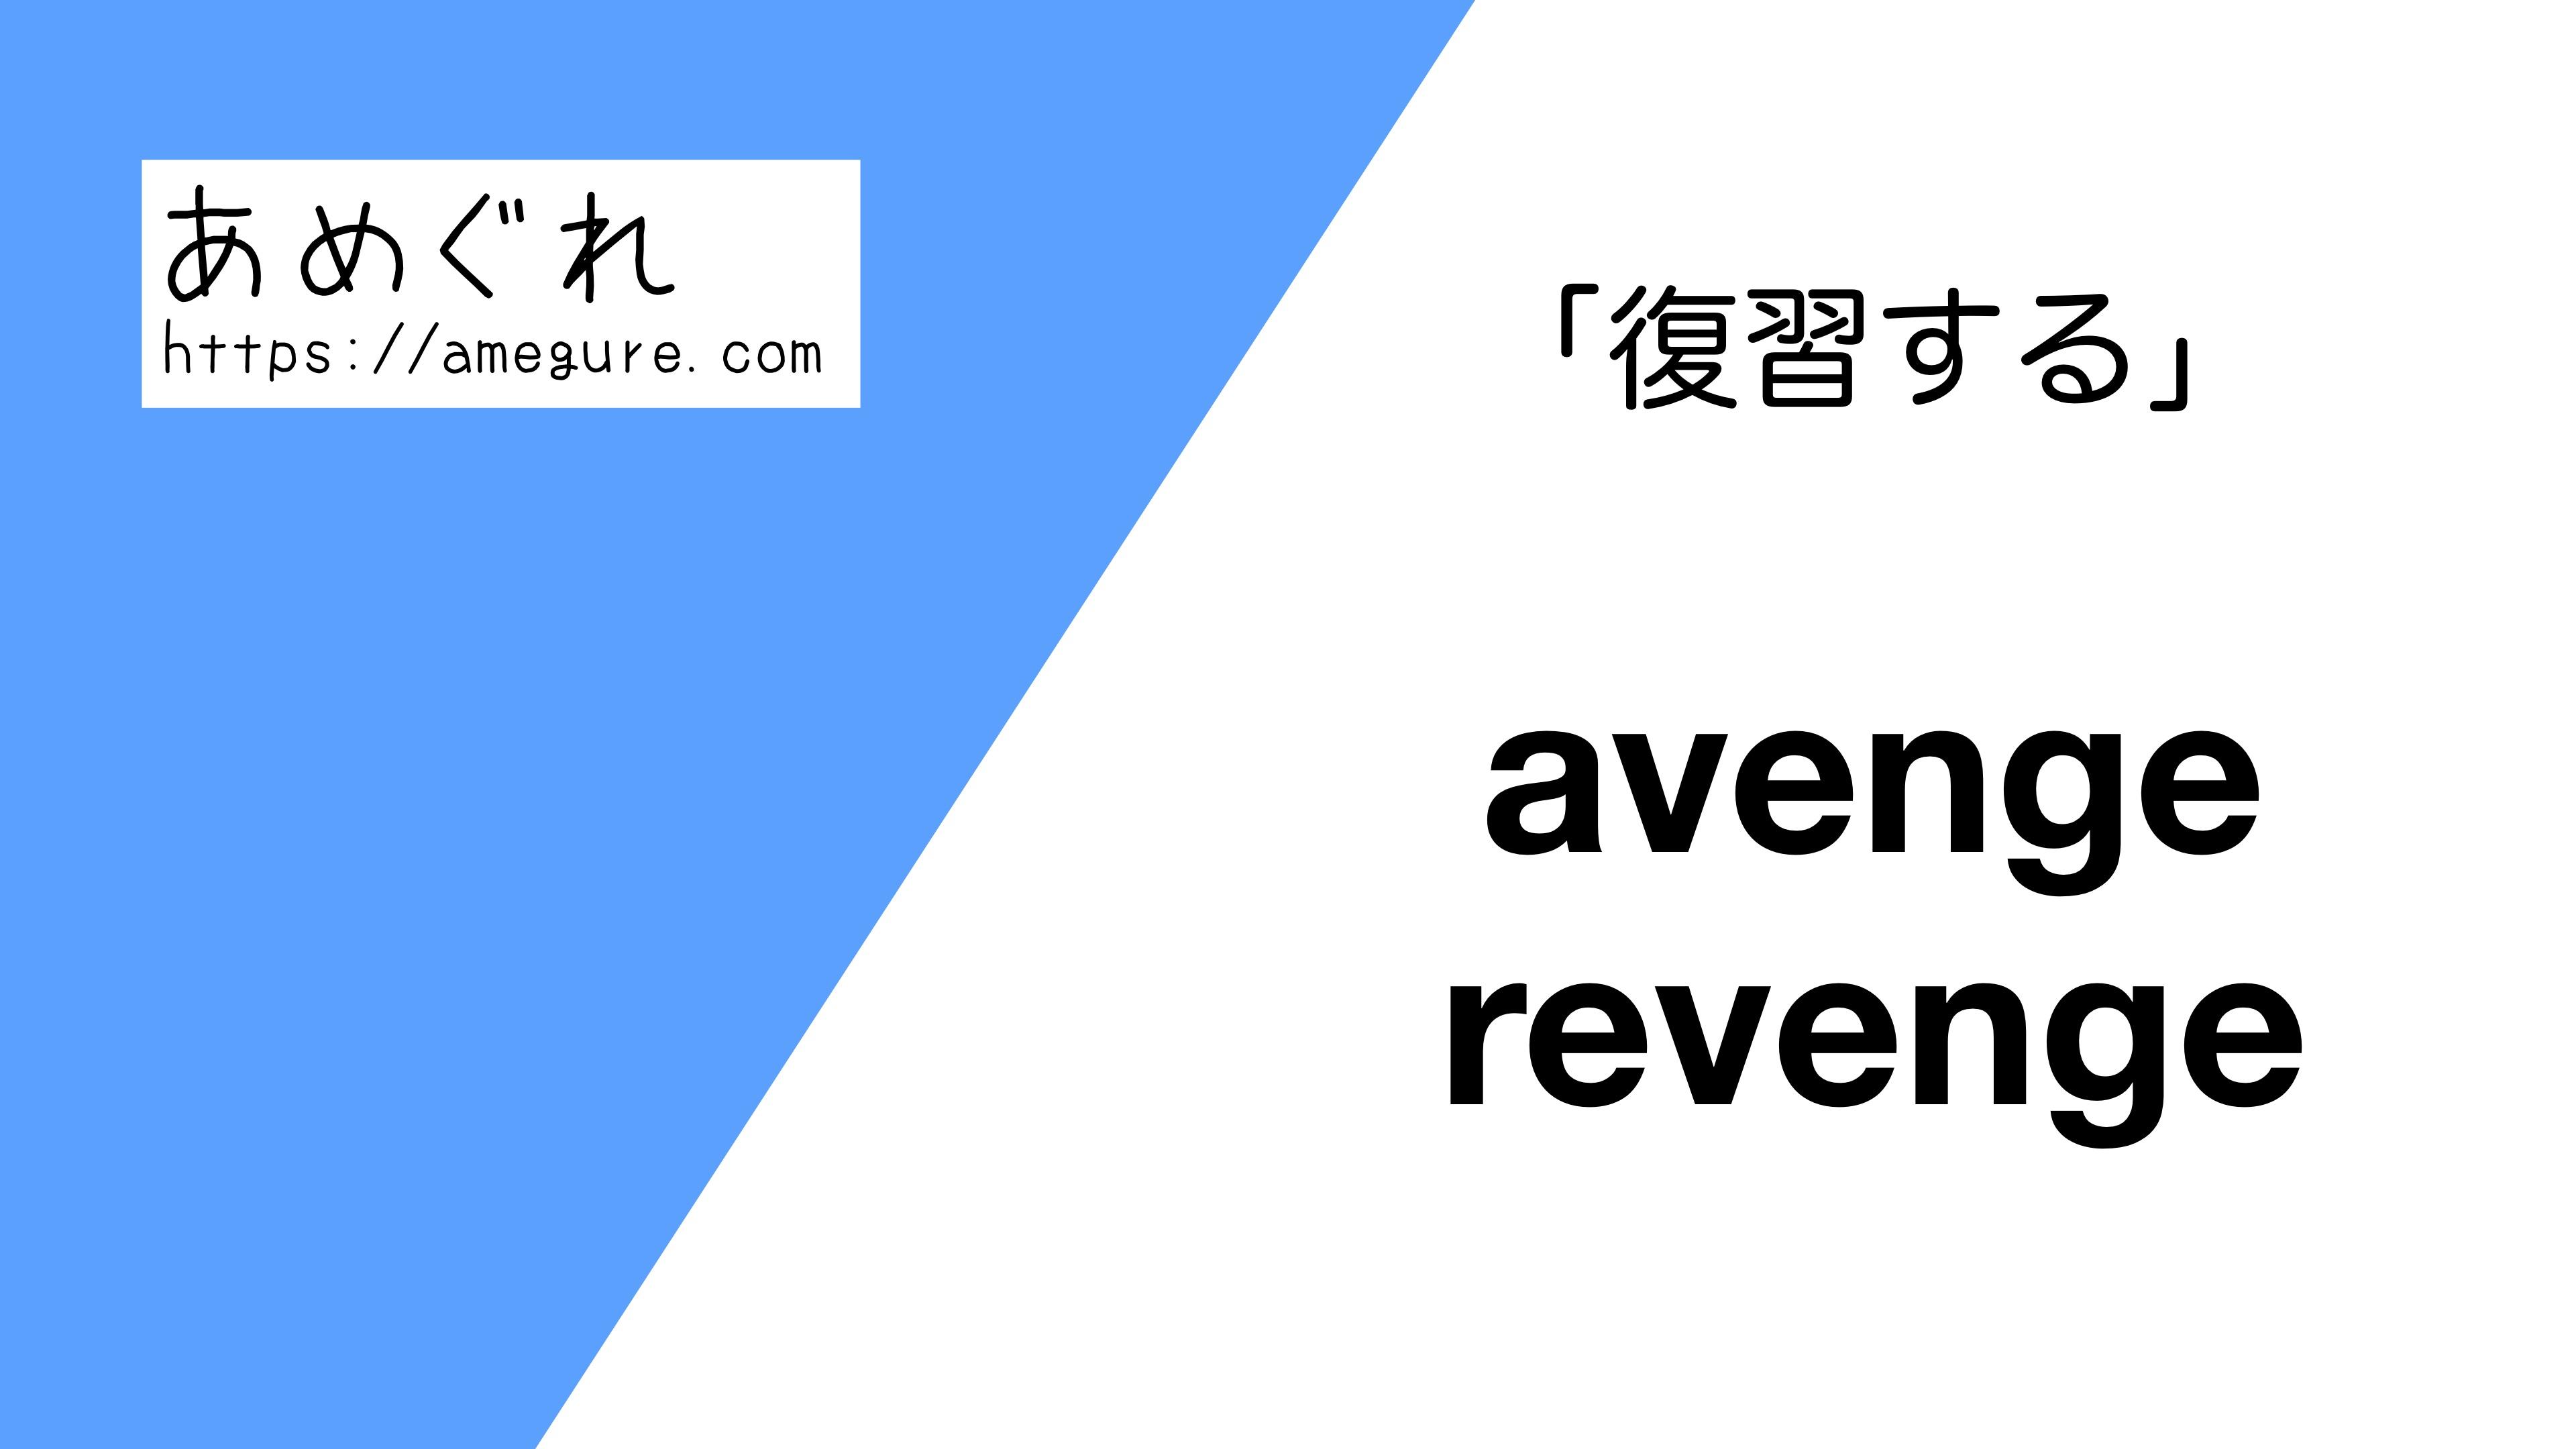 avenge-revenge違い